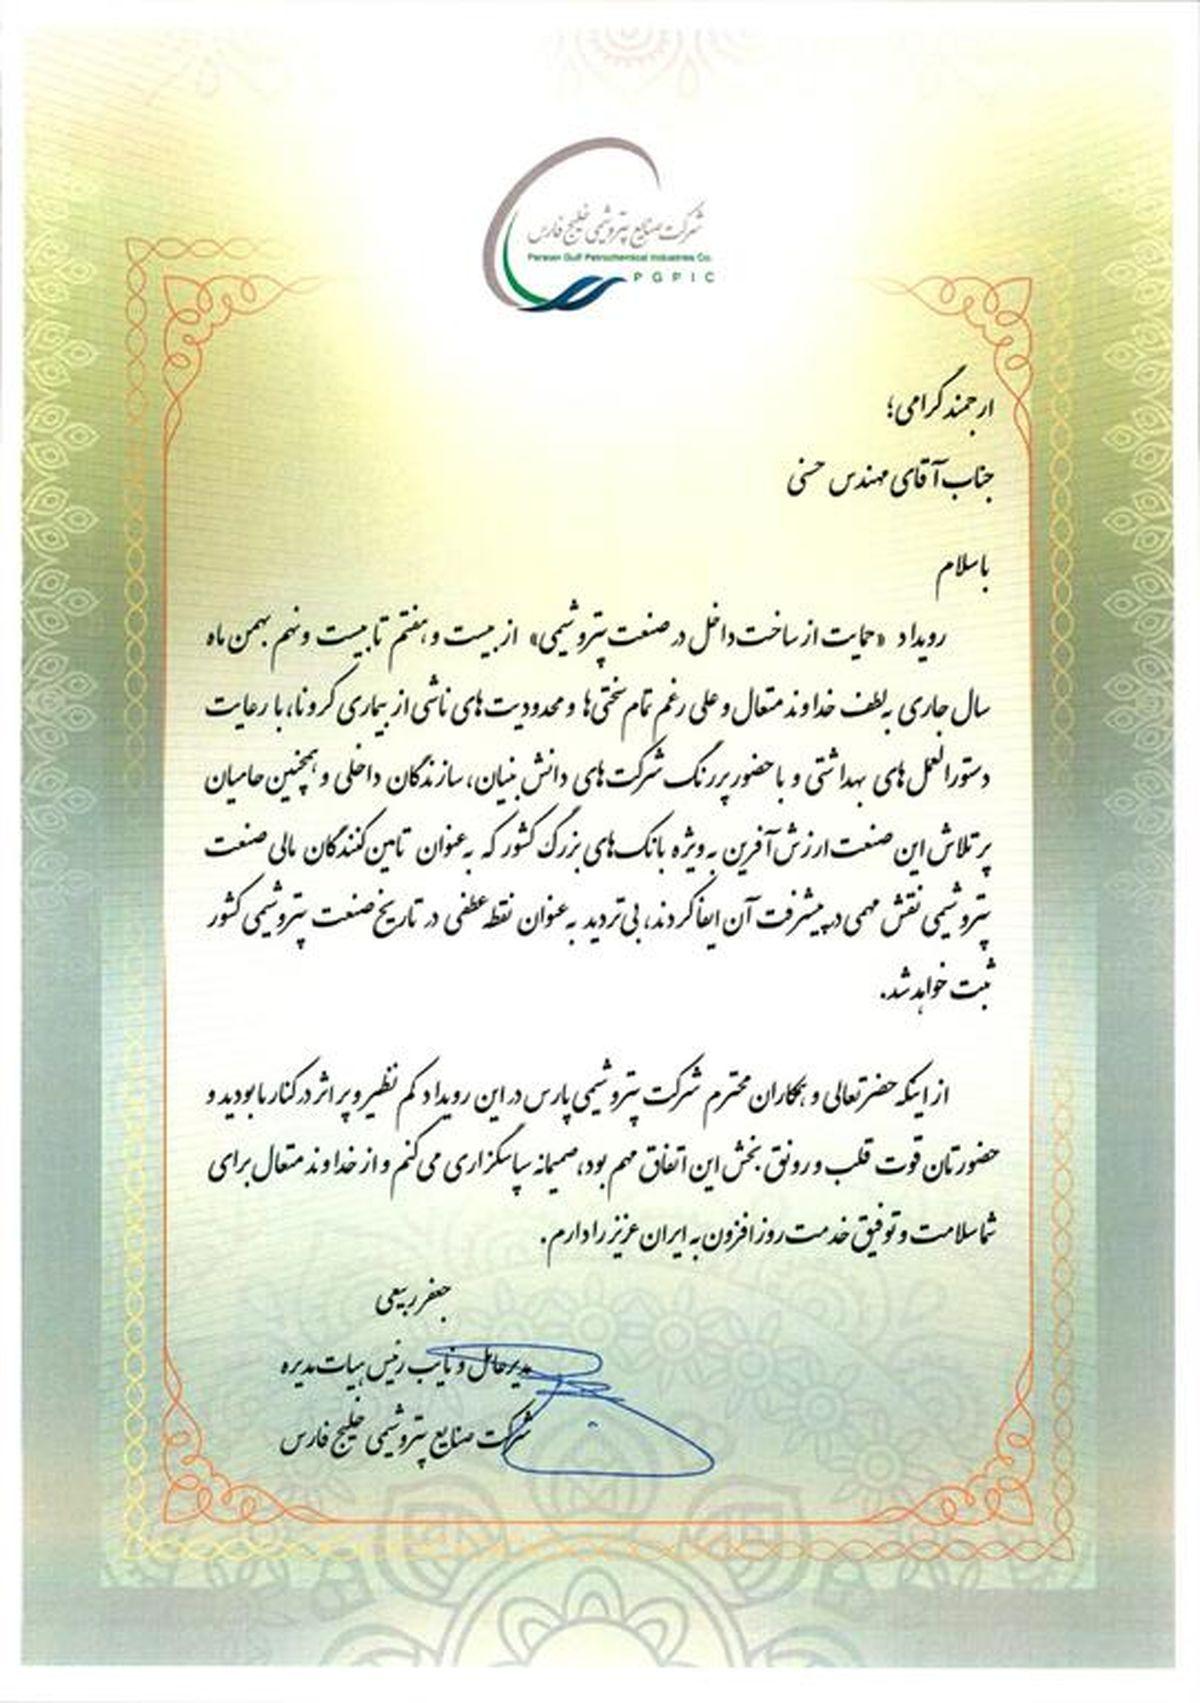 تقدیر مدیر عامل هلدینگ خلیج فارس از حضور پتروشیمی پارس در دومین نمایشگاه حمایت از ساخت داخل